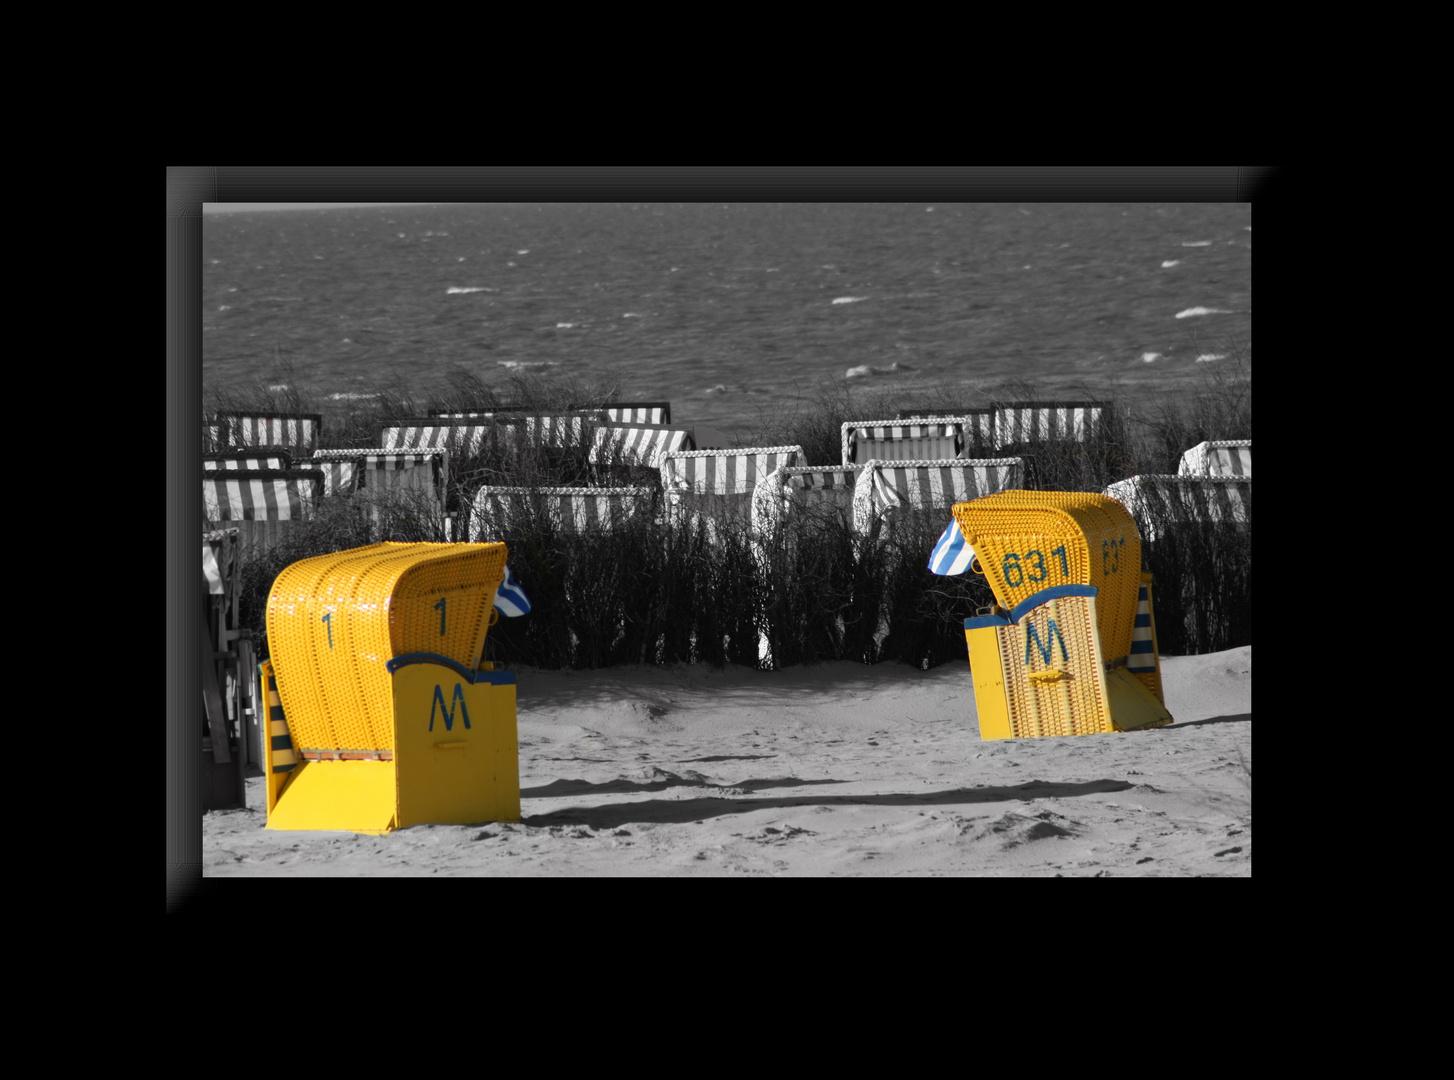 Strandkorb in Gelb